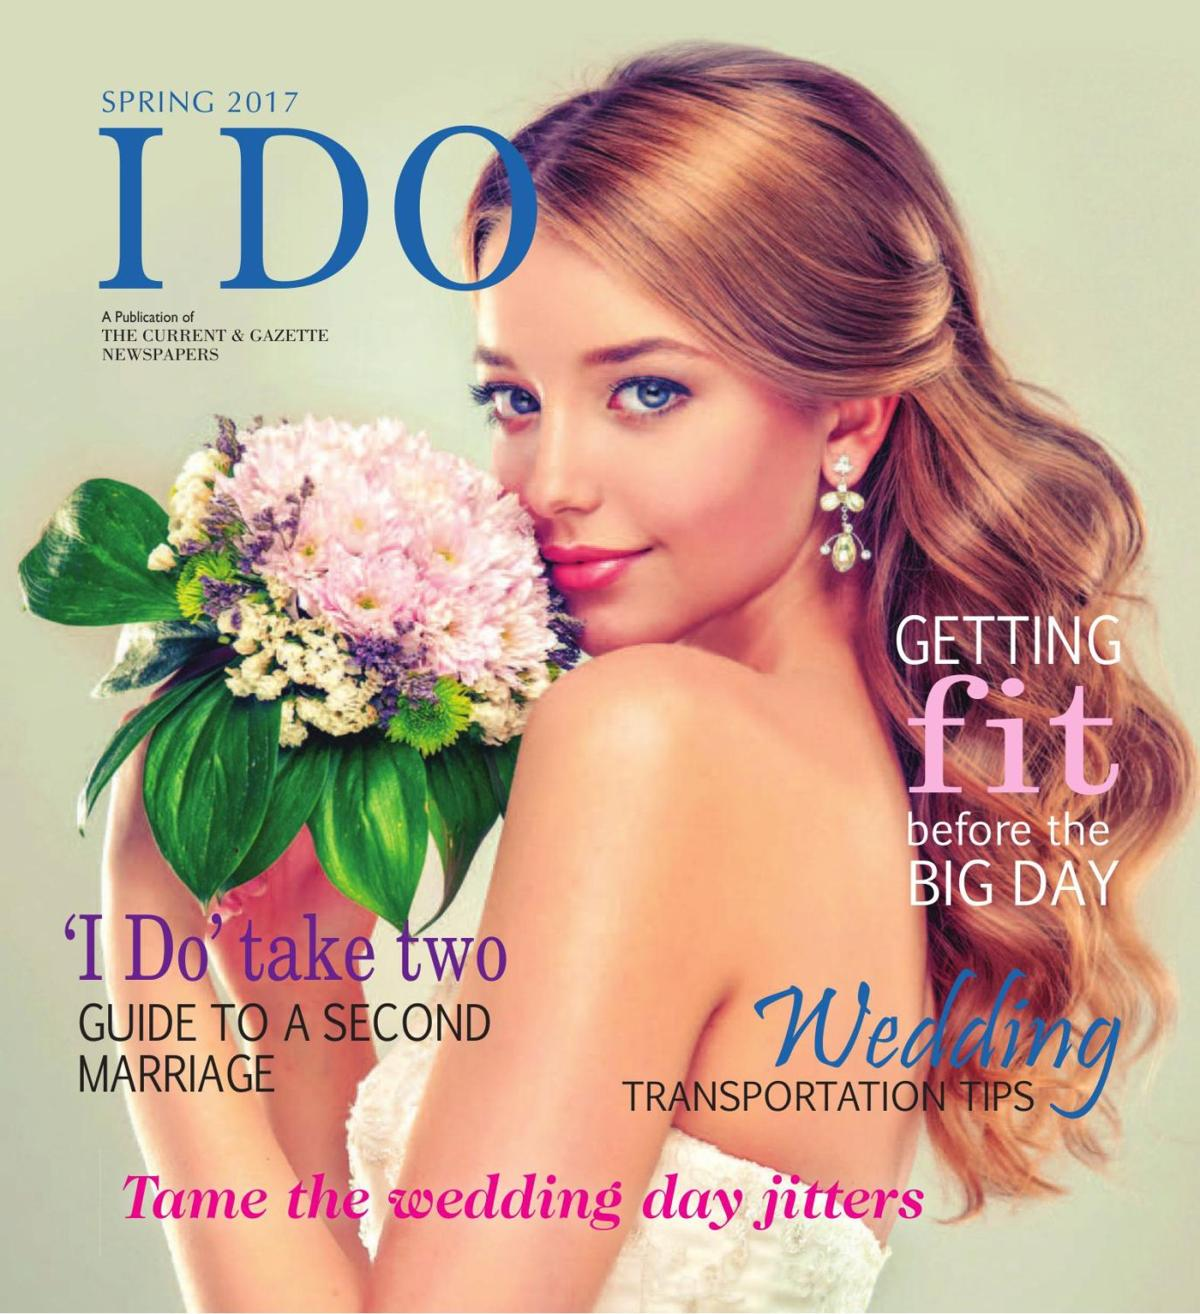 Spring 2017 I Do Bridal